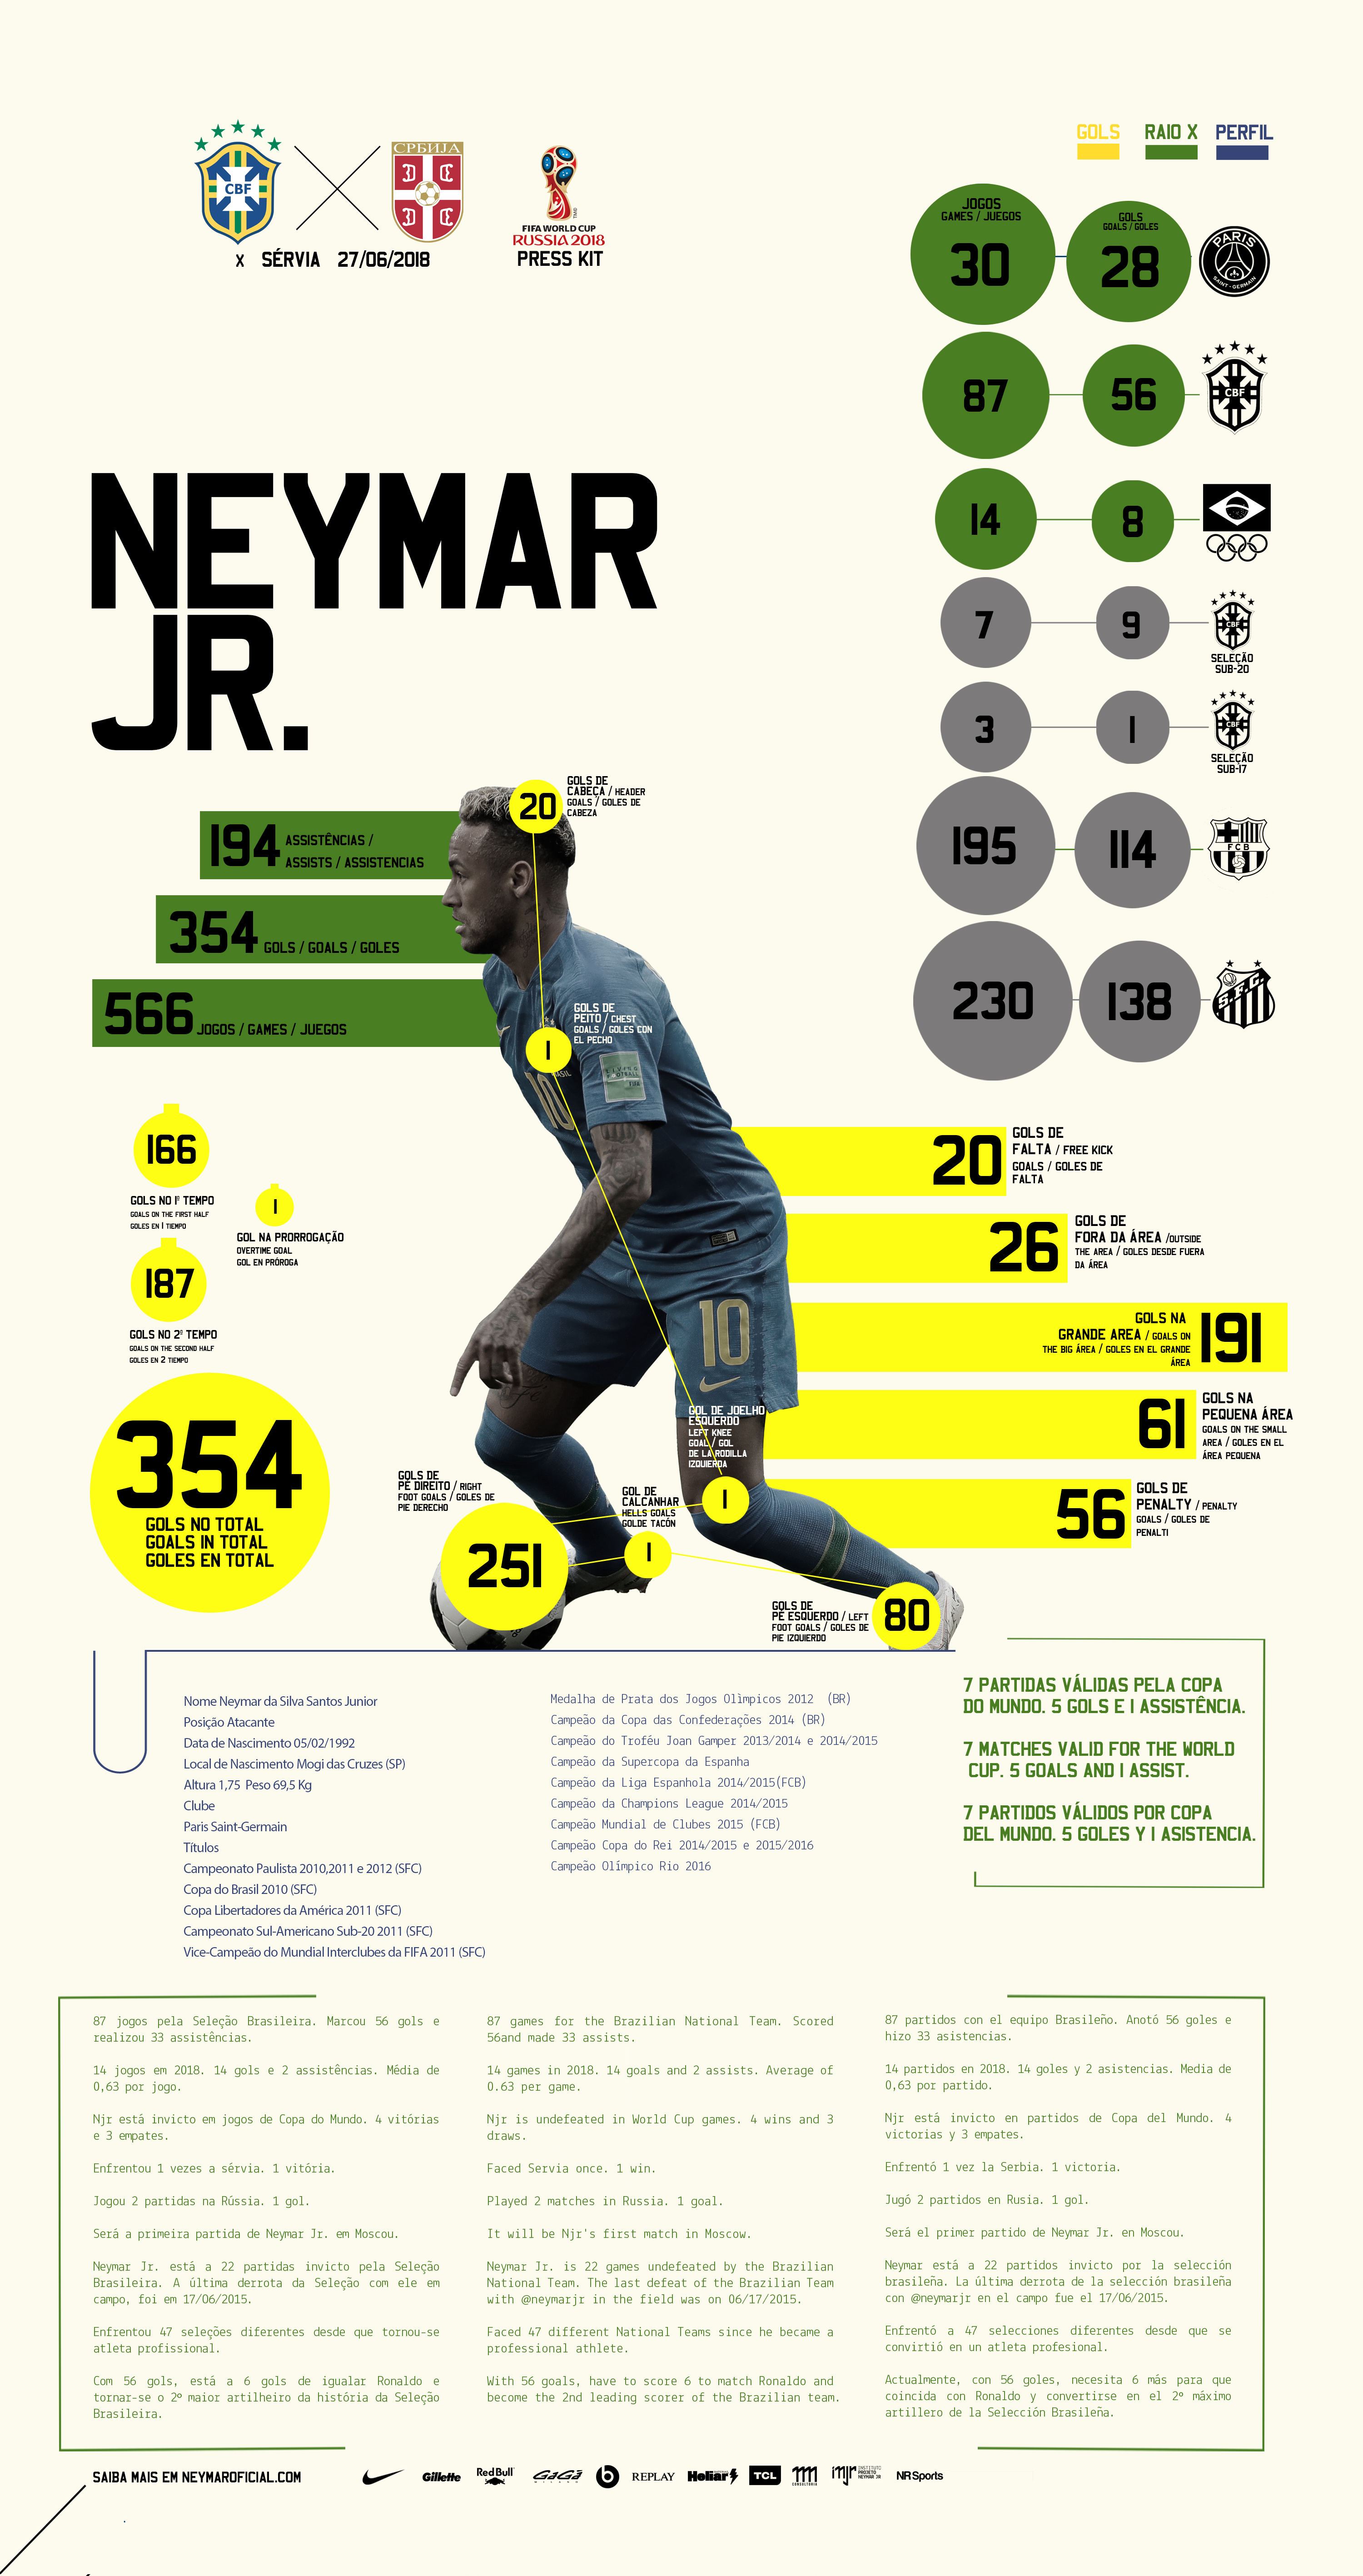 79c75246a5 Neymar Jr.